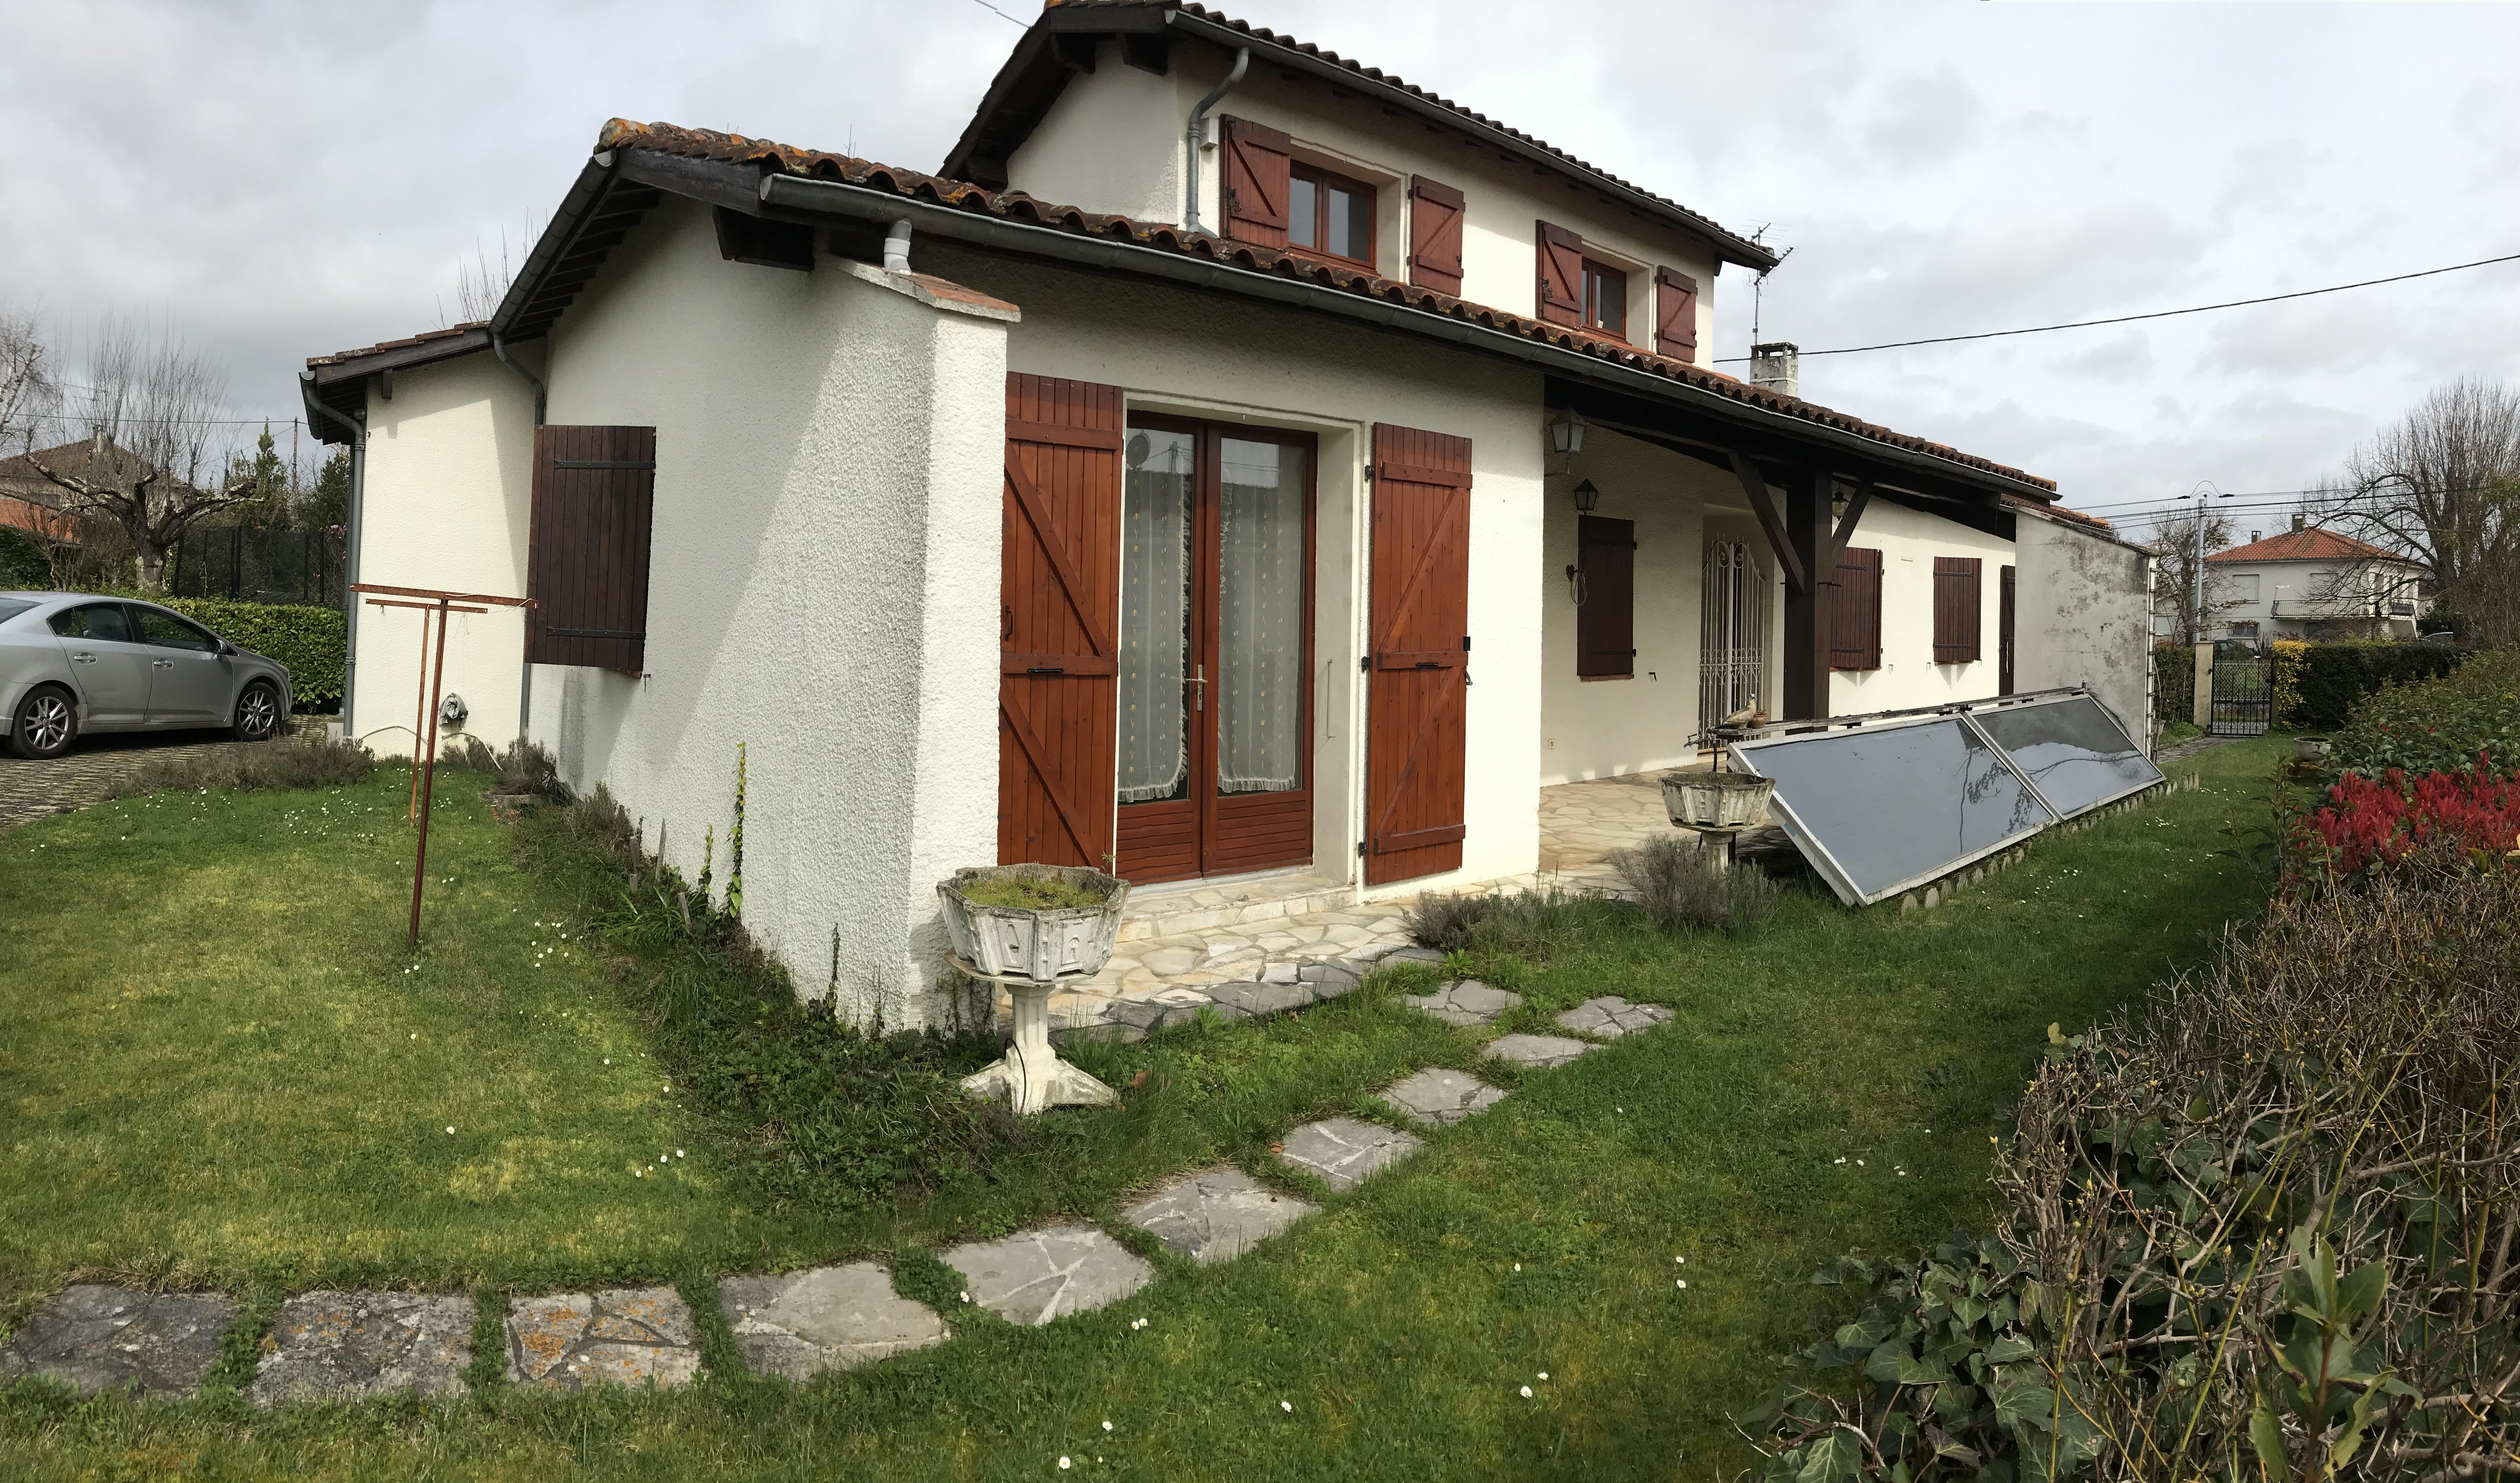 Maison 170m² – 4 chambres – jardin – Garage